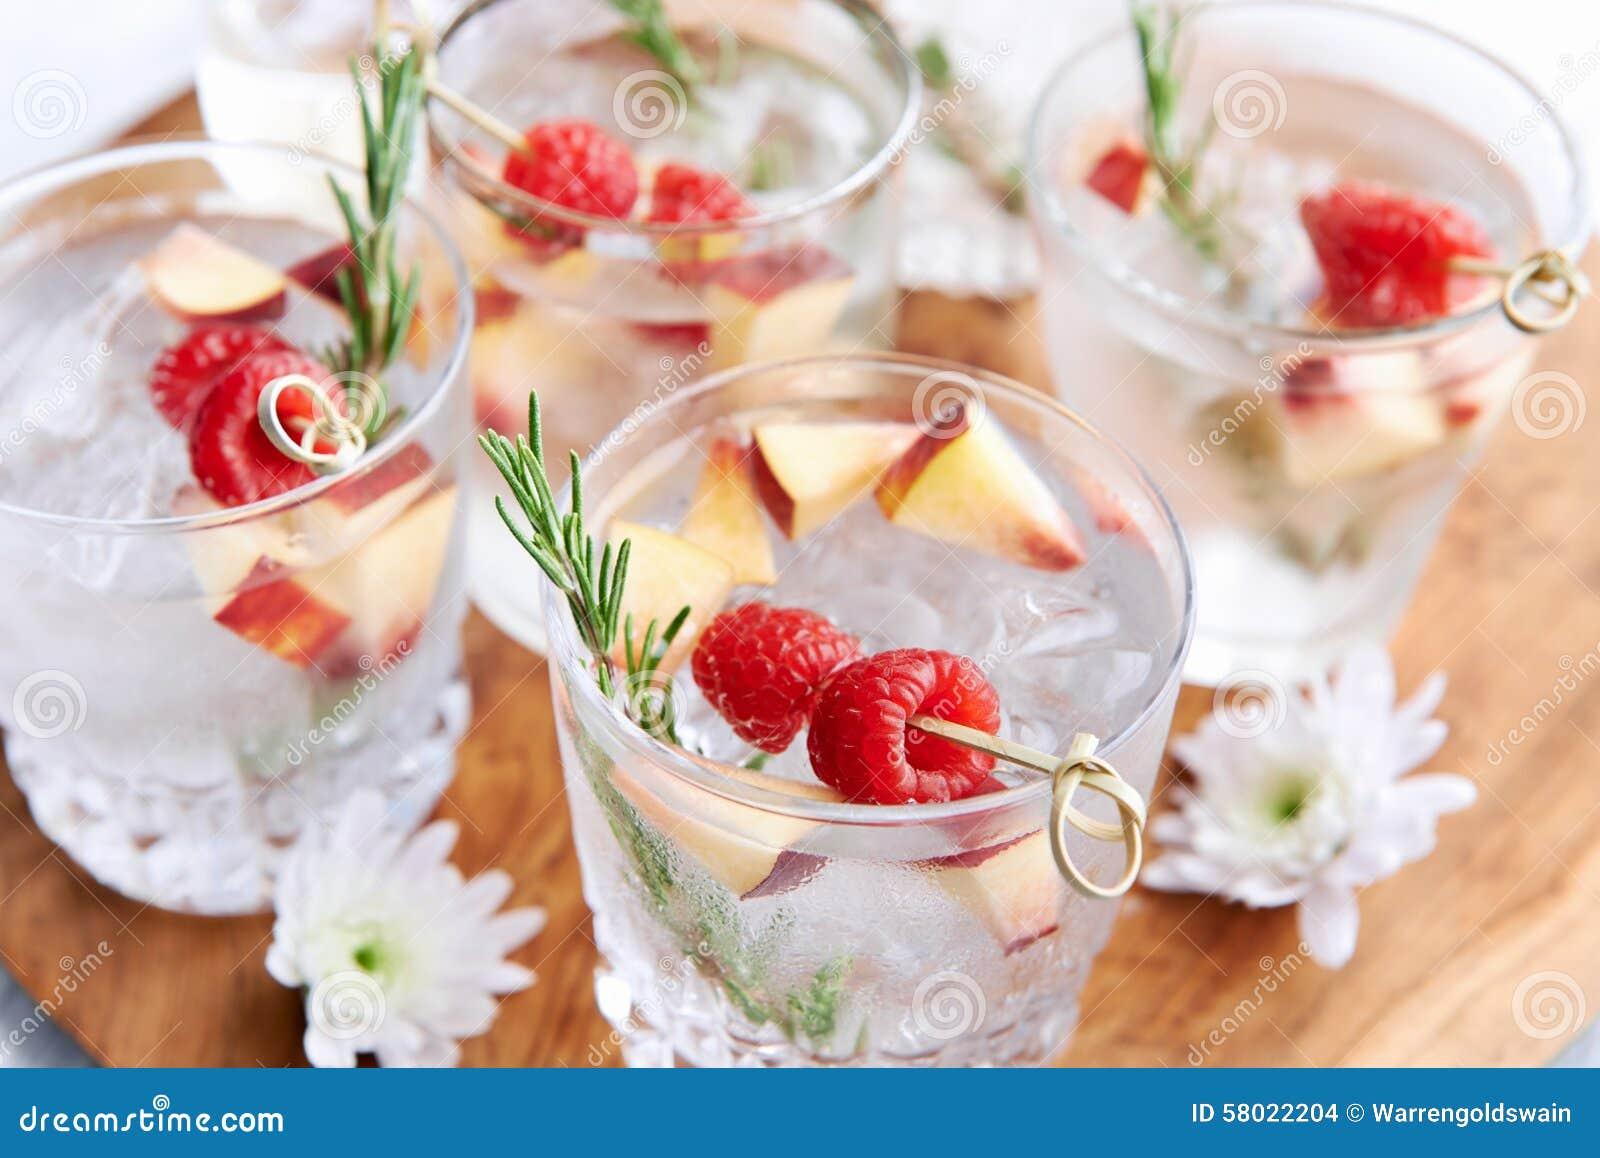 Fruchtige Erfrischungsgetränke Stockfoto - Bild von floral, getränk ...